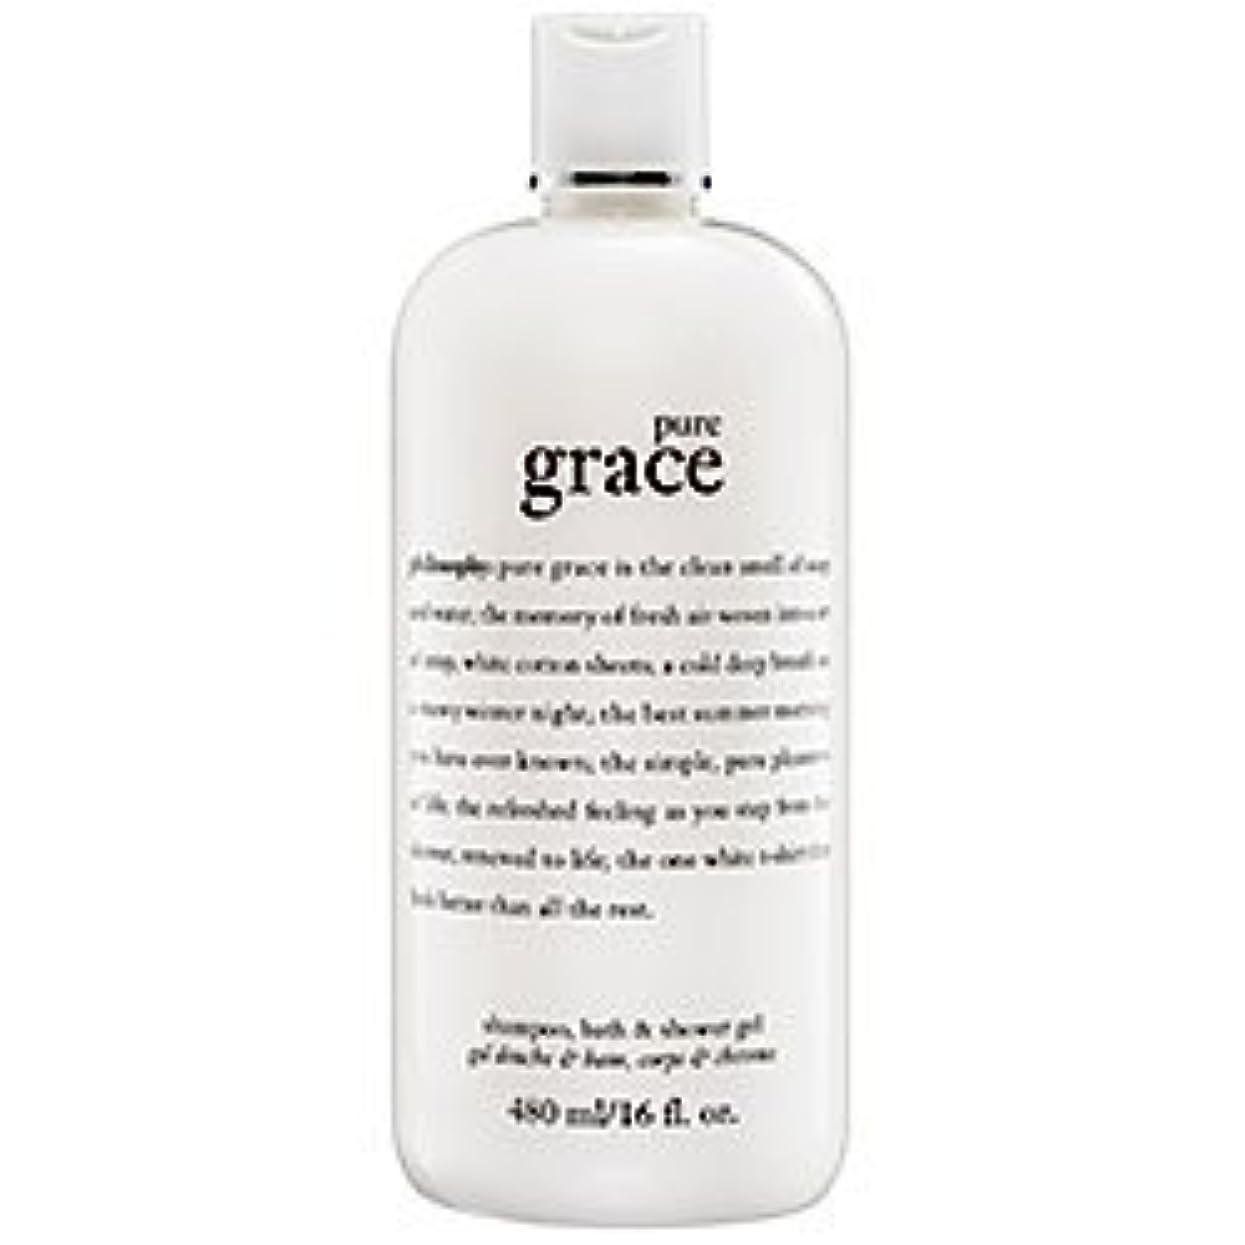 終わり任意投資pure grace (ピュアグレイス ) 16.0 oz (480ml) foaming bath and shower gel for Women